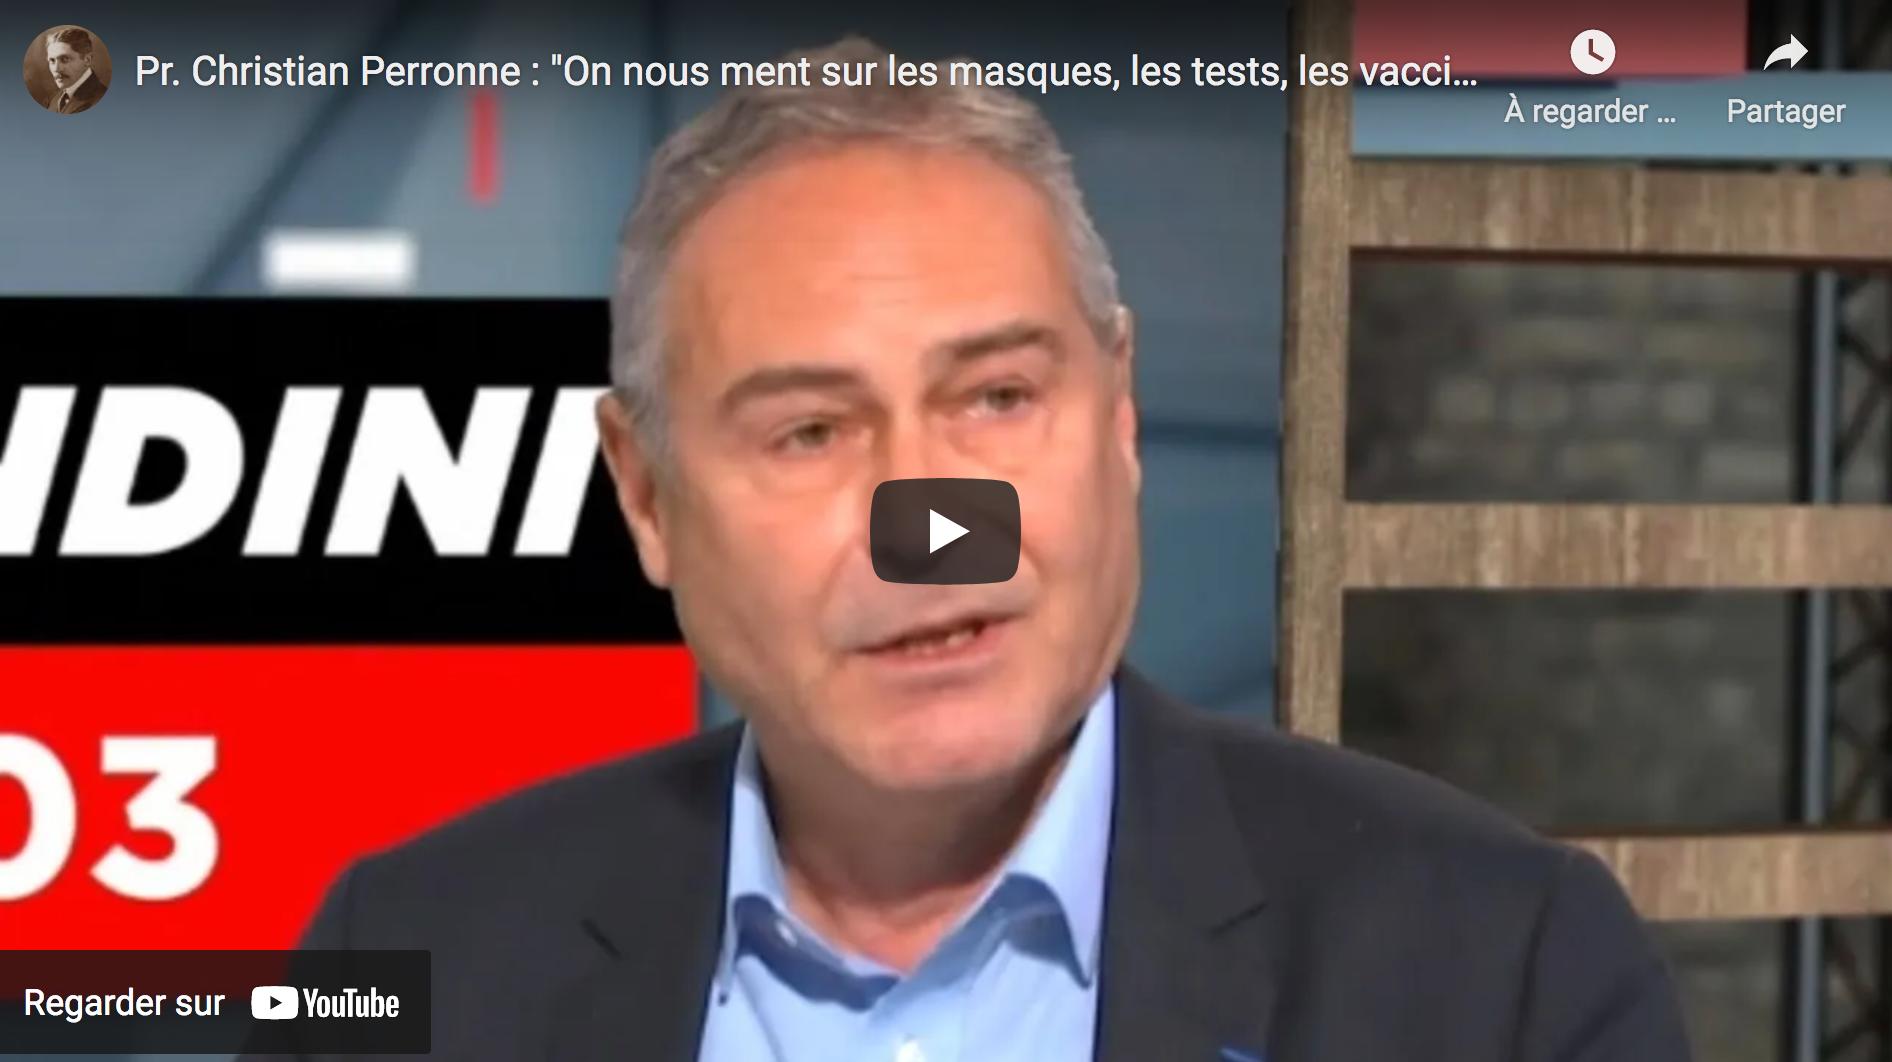 """Pr Christian Perronne : """"On nous ment sur les masques, les tests, les vaccins et les traitements !"""" (VIDÉO)"""